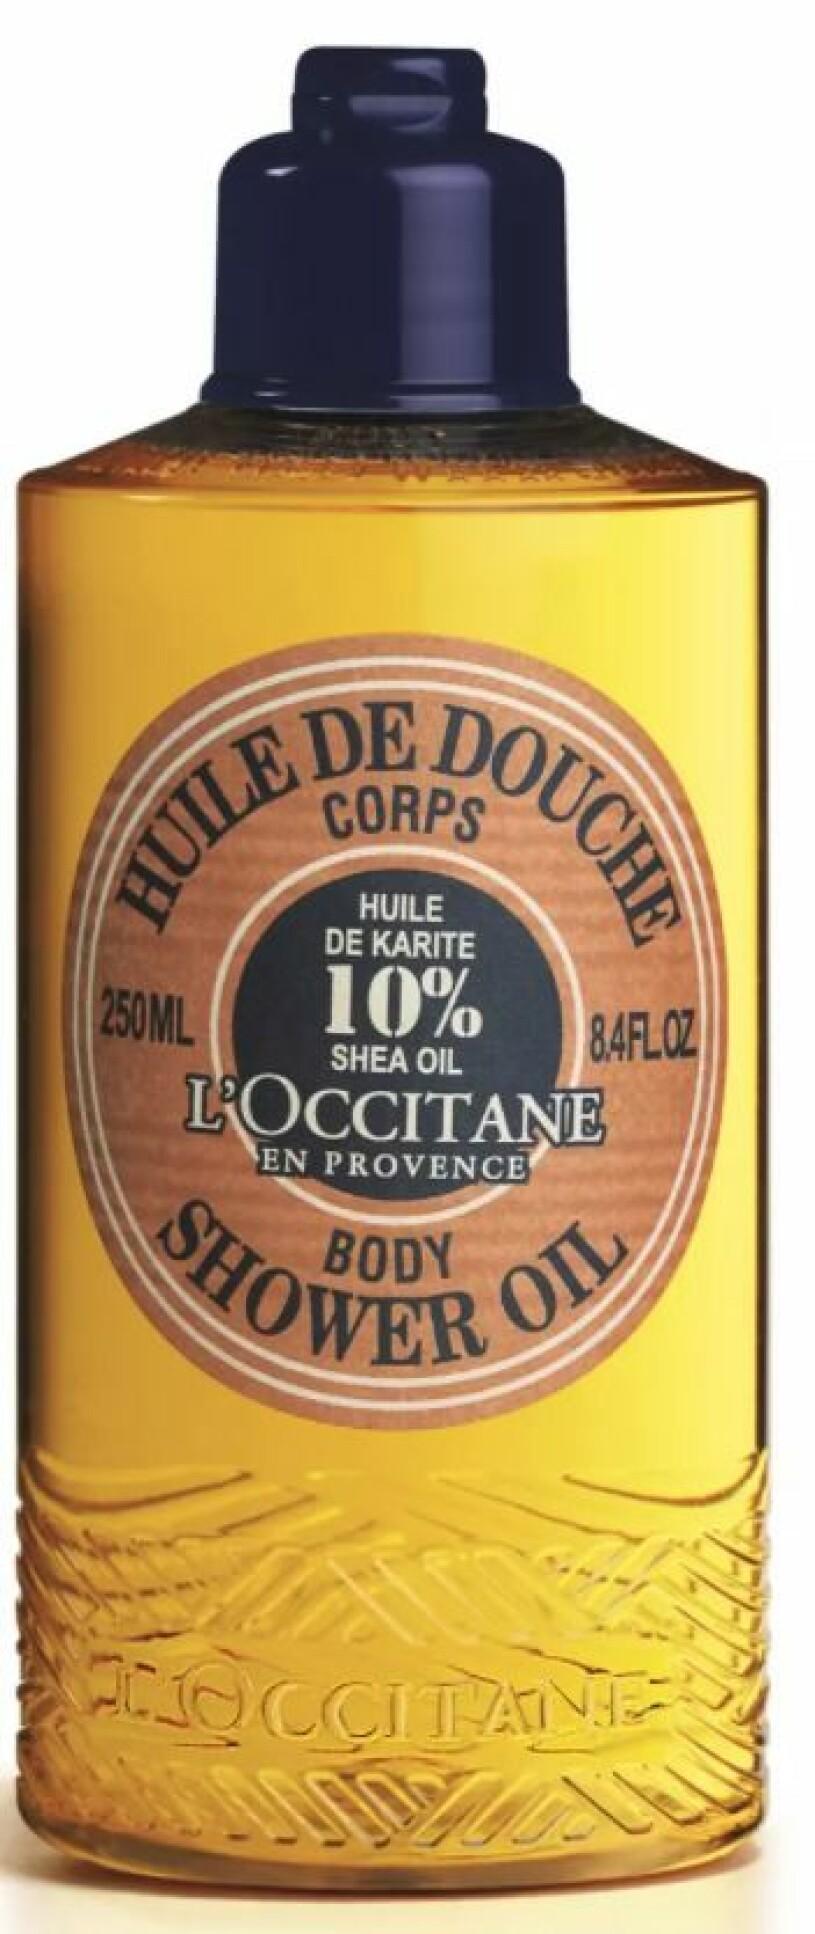 L'occitane duscholja